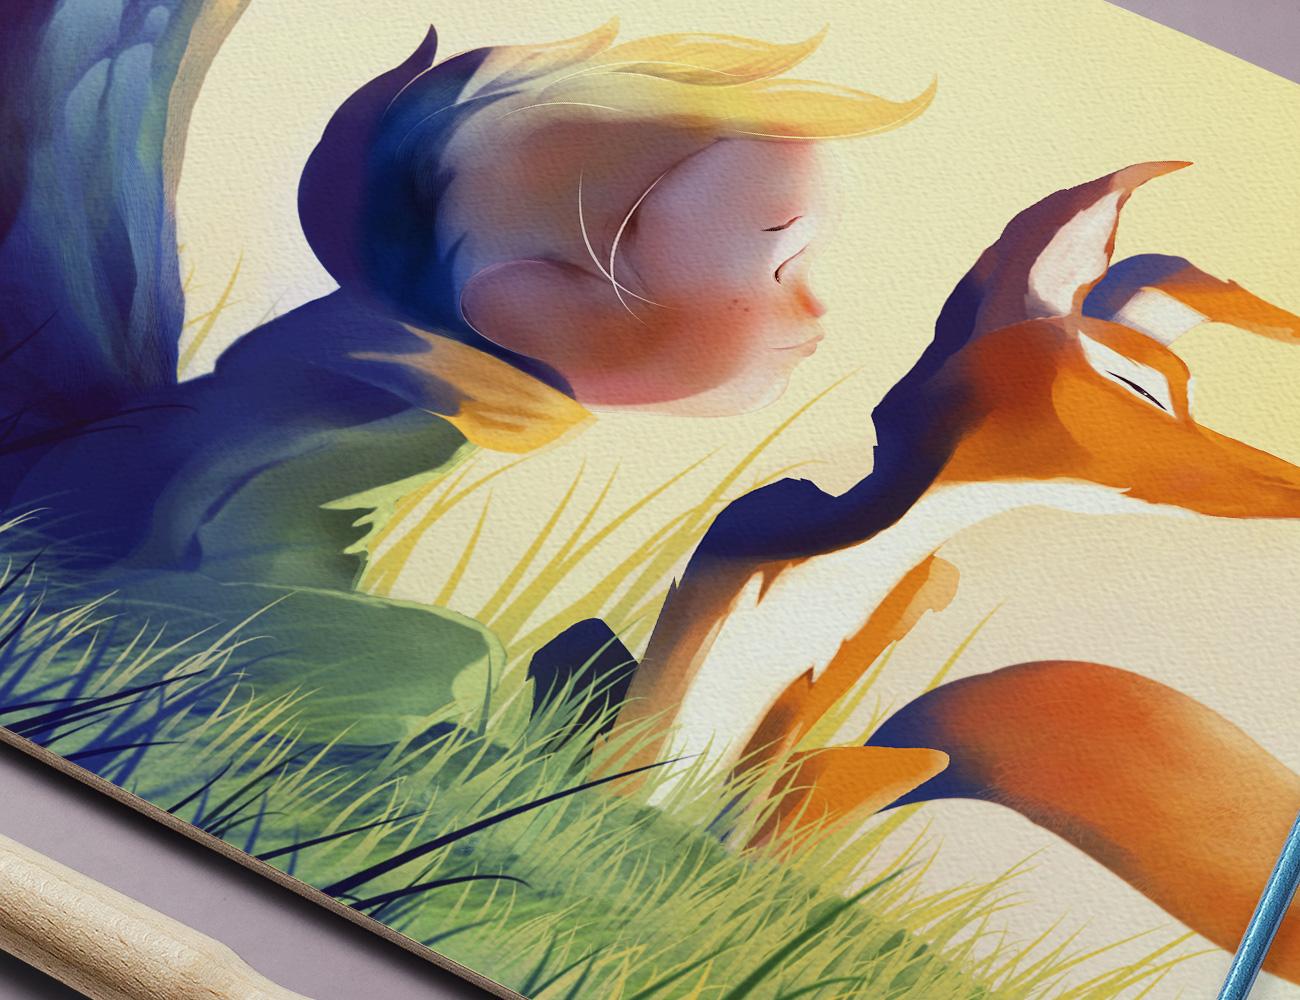 illustrazione-piccolo-principe-salsomaggiore-terme-simone-roveda-digit81-illustrator-graphic-designer